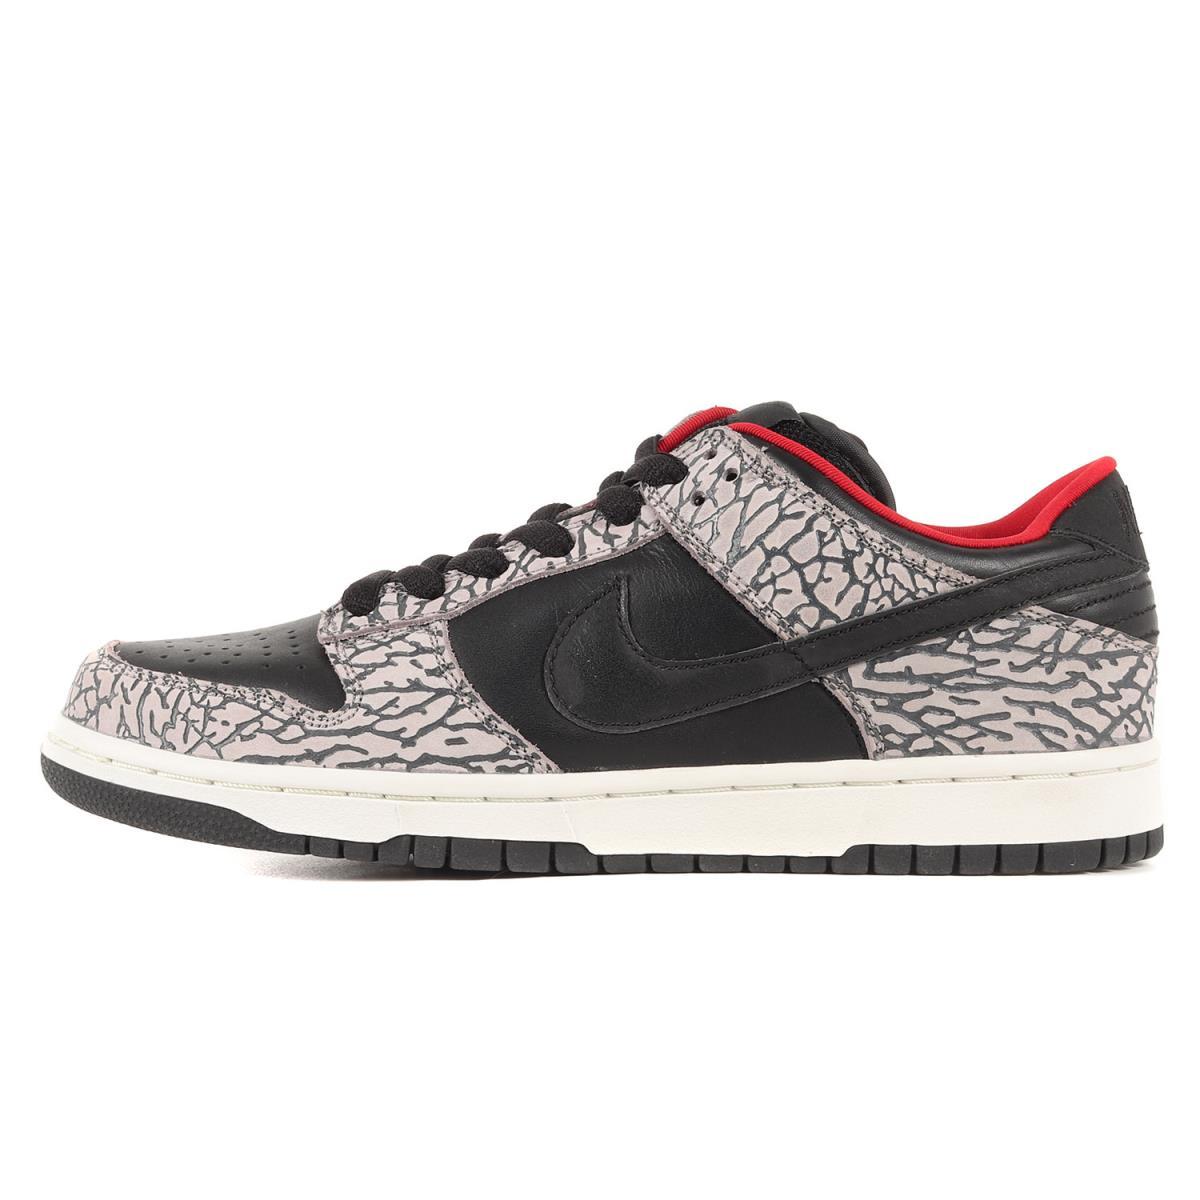 メンズ靴, スニーカー Supreme NIKE DUNK LOW PRO SB 1st 304292-131 02AW US9(27cm) K3132